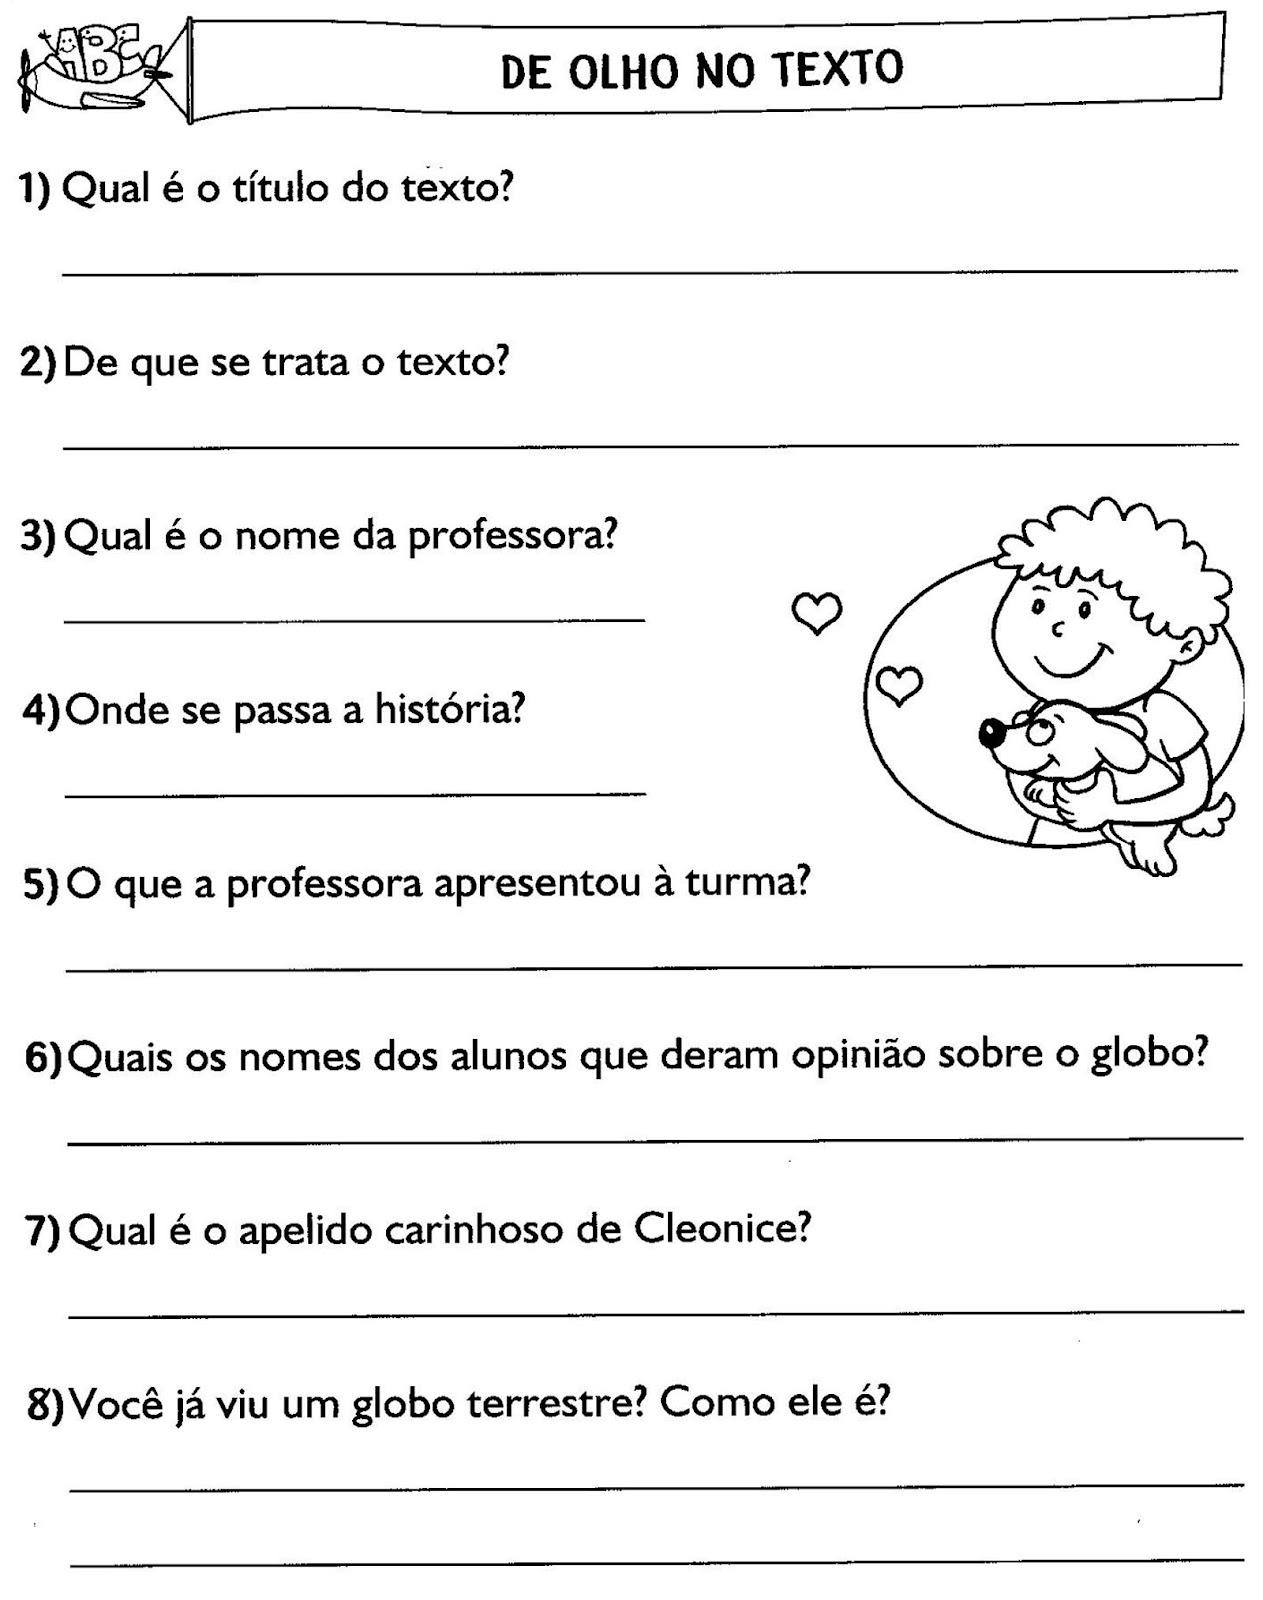 Excepcional ATIVIDADES EDUCACIONAIS PARA O TERCEIRO ANO DO ENSINO FUNDAMENTAL PI22